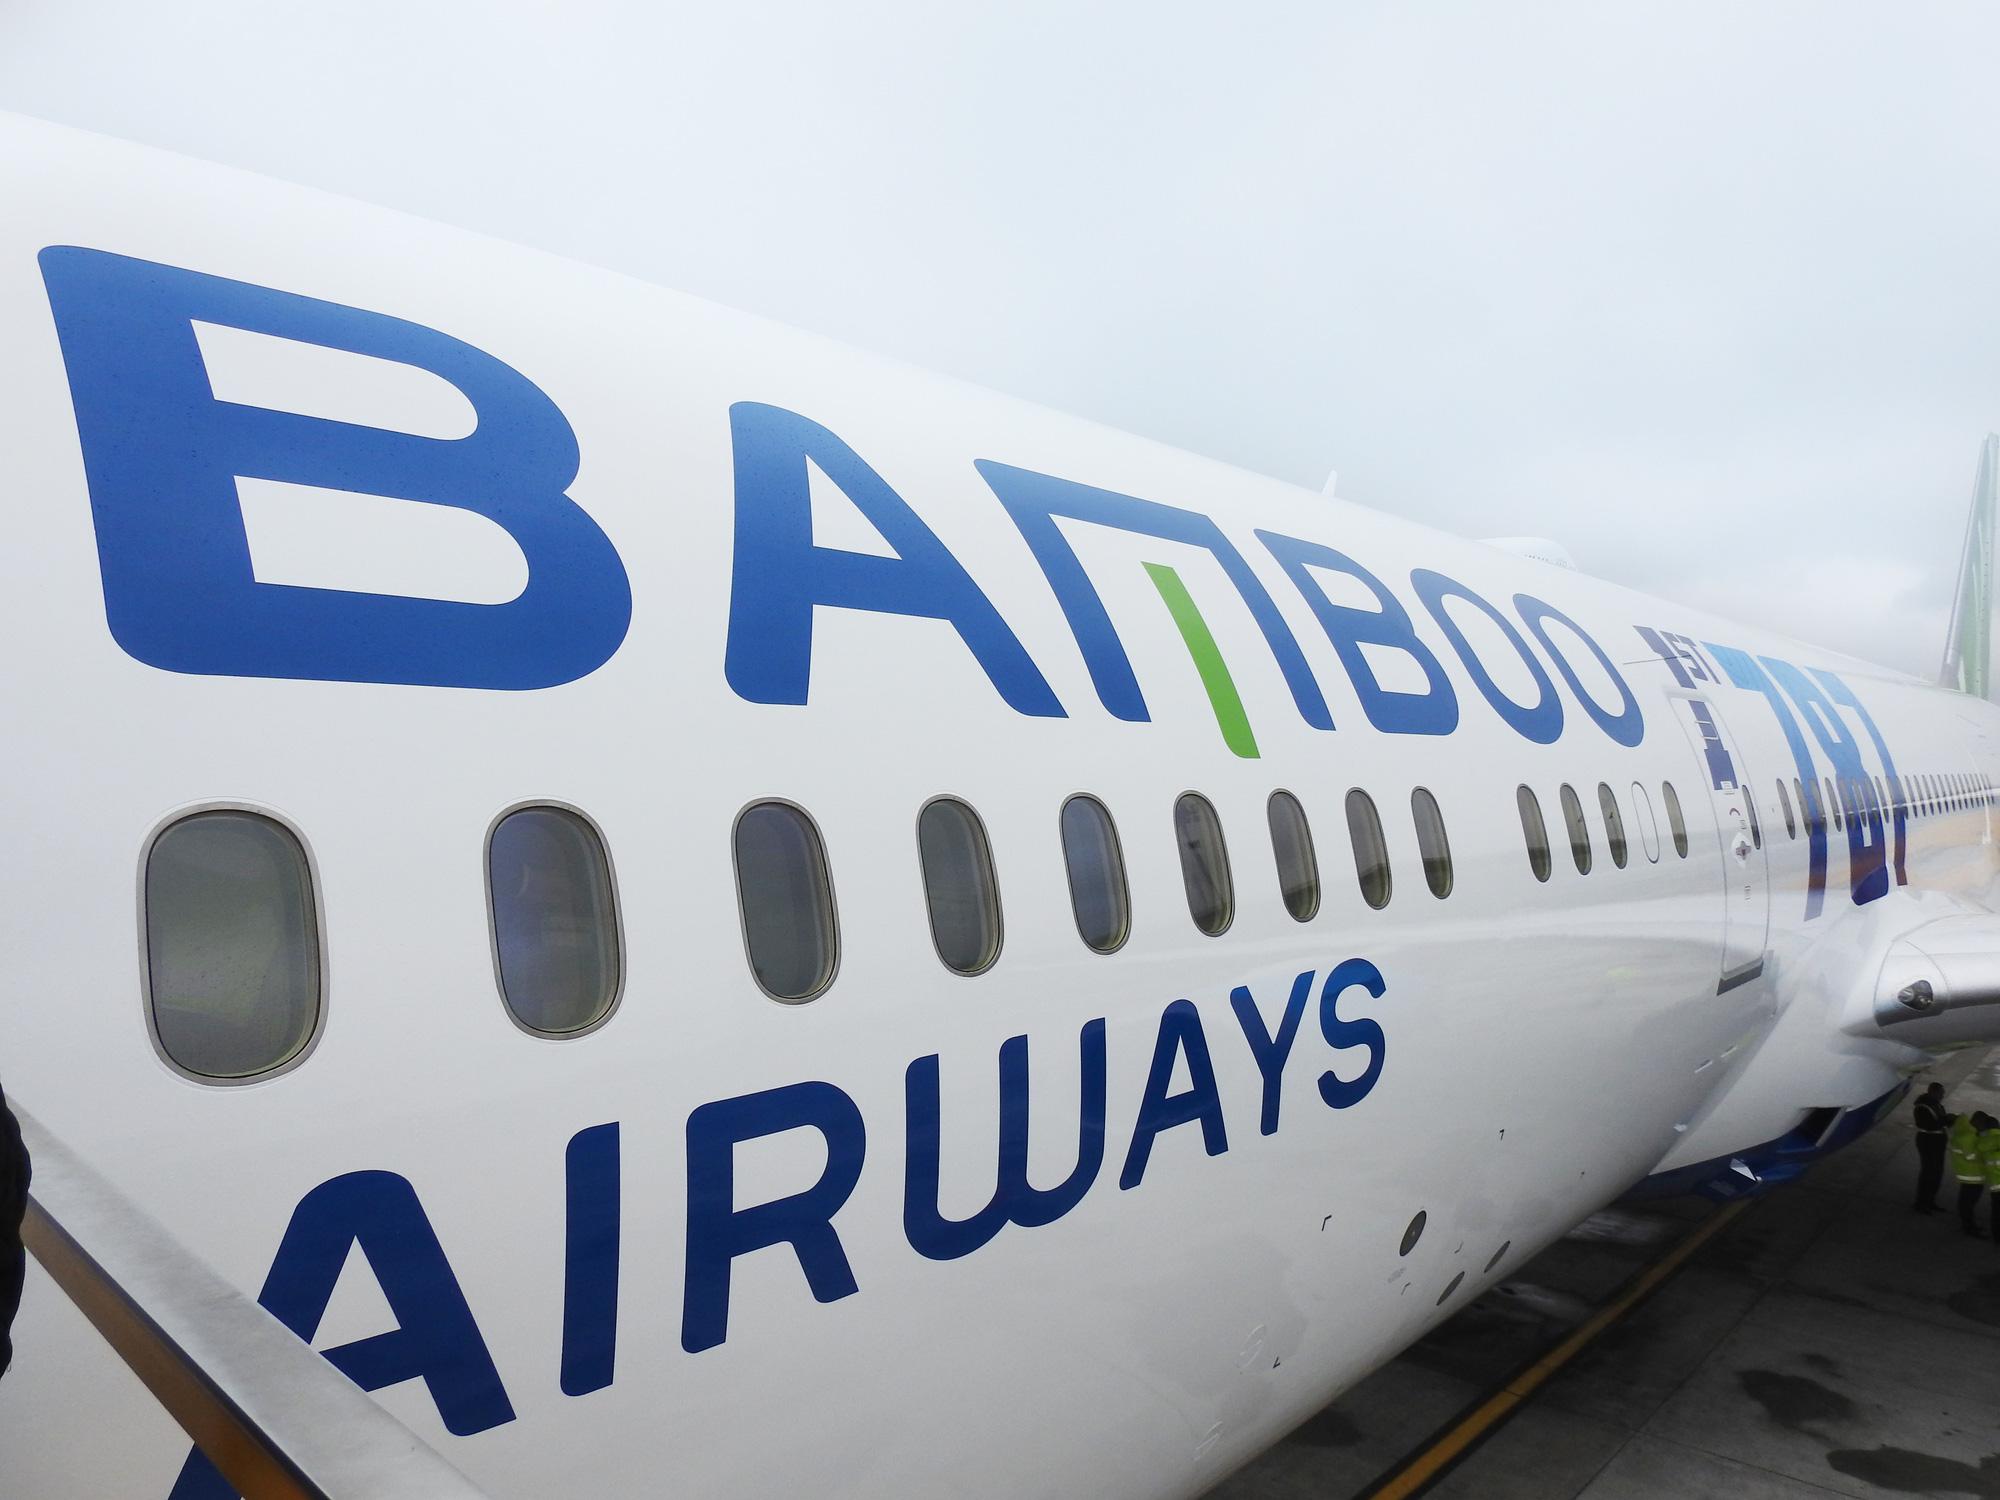 Đường bay hồi hương hình tam giác mở của Bamboo Airways - Ảnh 1.